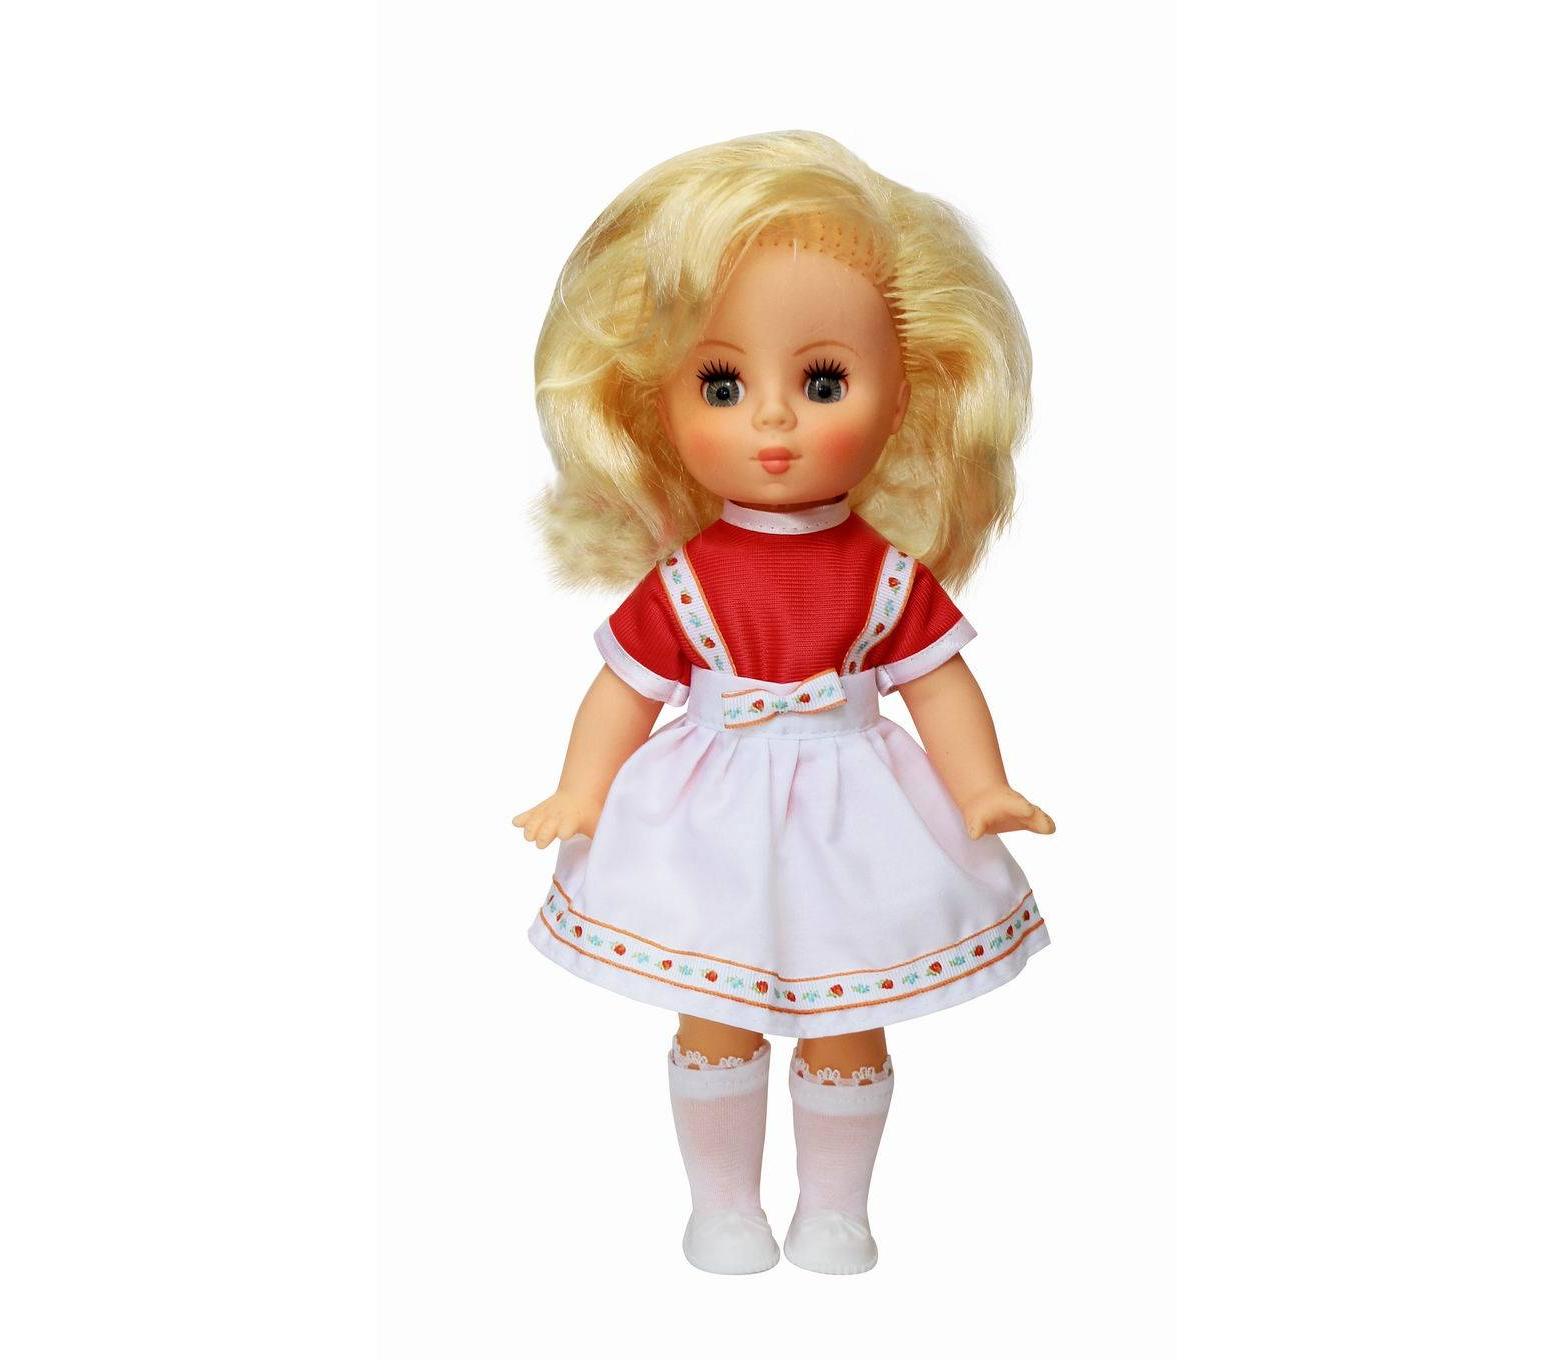 зале картинки с изображением кукол также